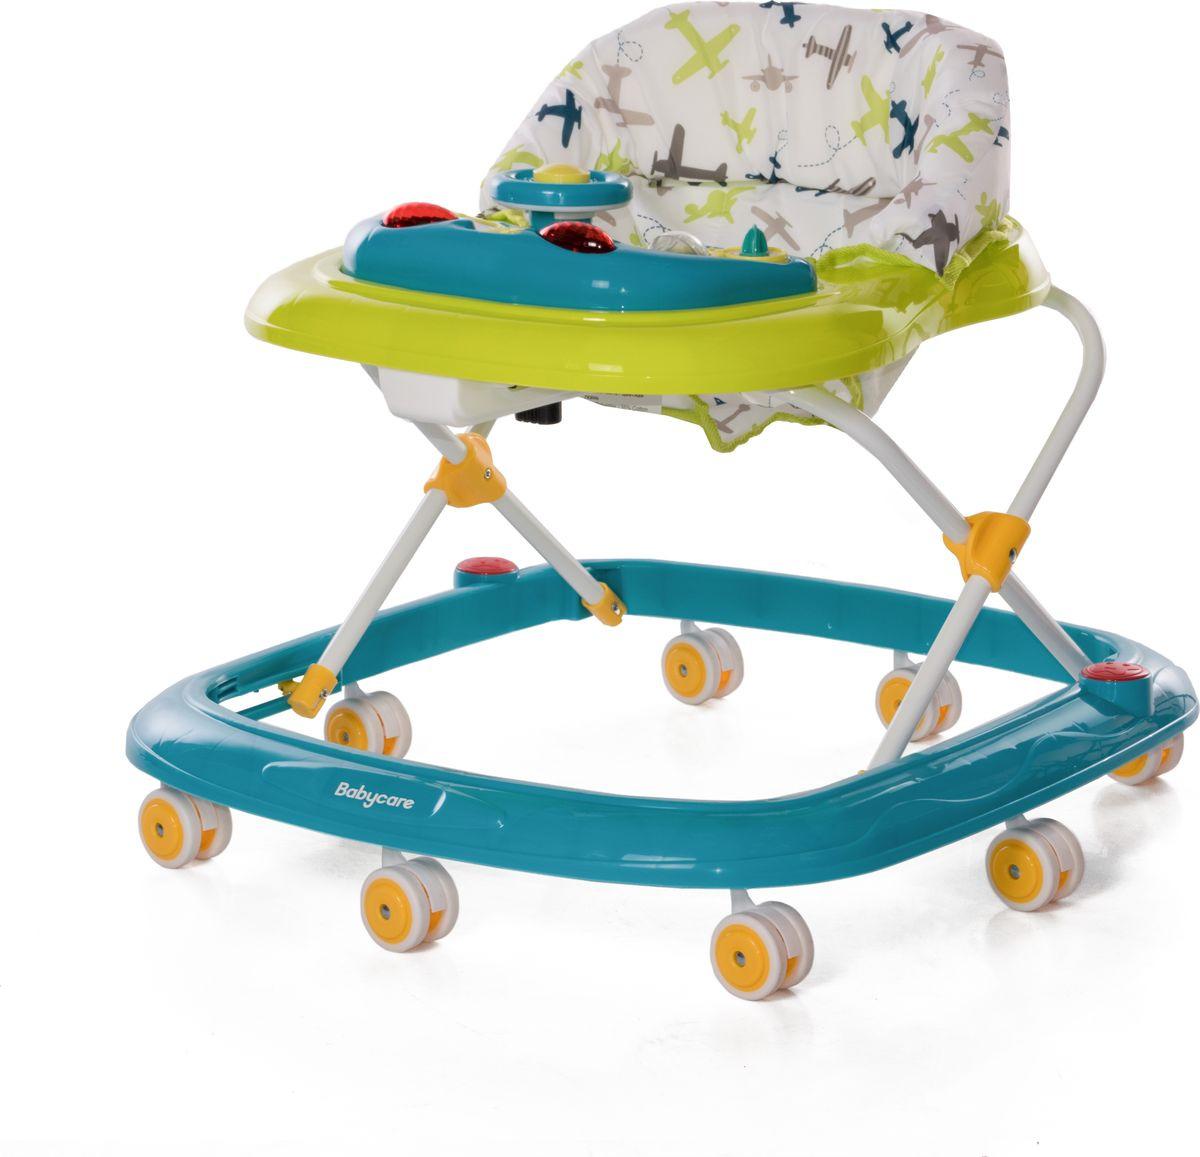 Ходунки Baby Care Flip, цвет: зеленый